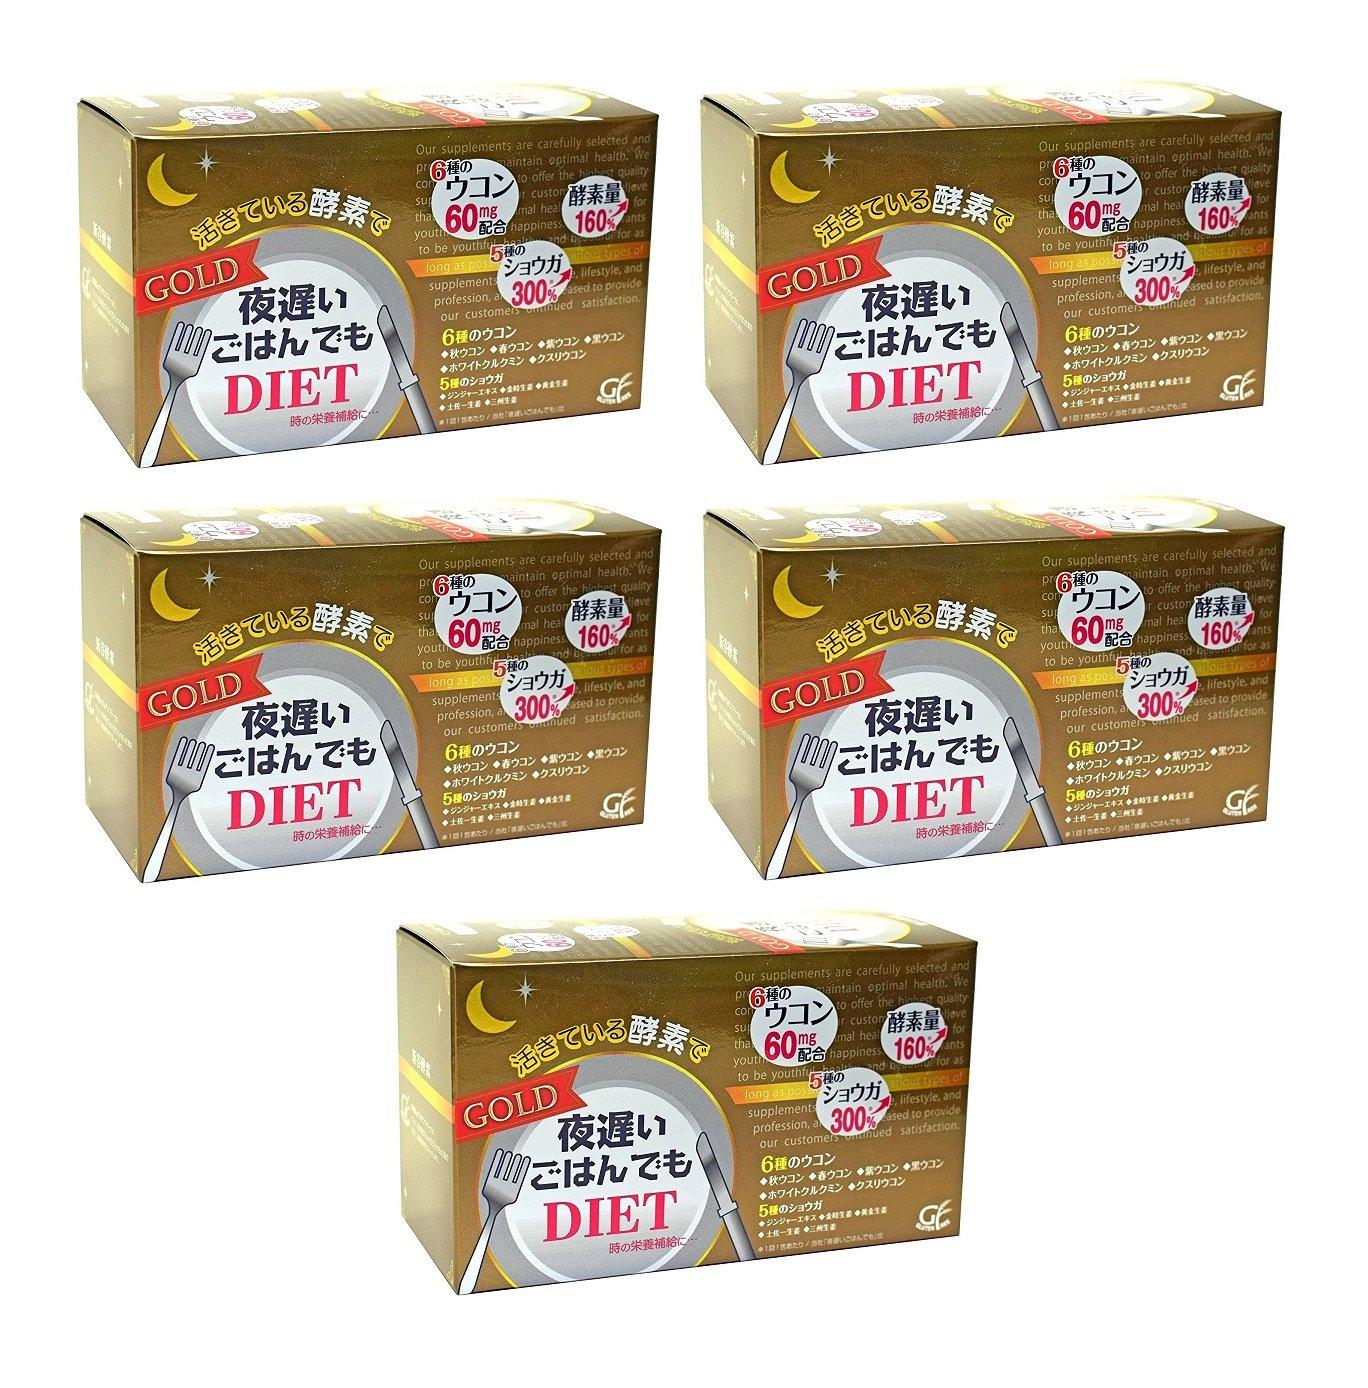 新谷酵素 夜遅いごはんでもDIET GOLD 30包入×5箱セット B07793C49F